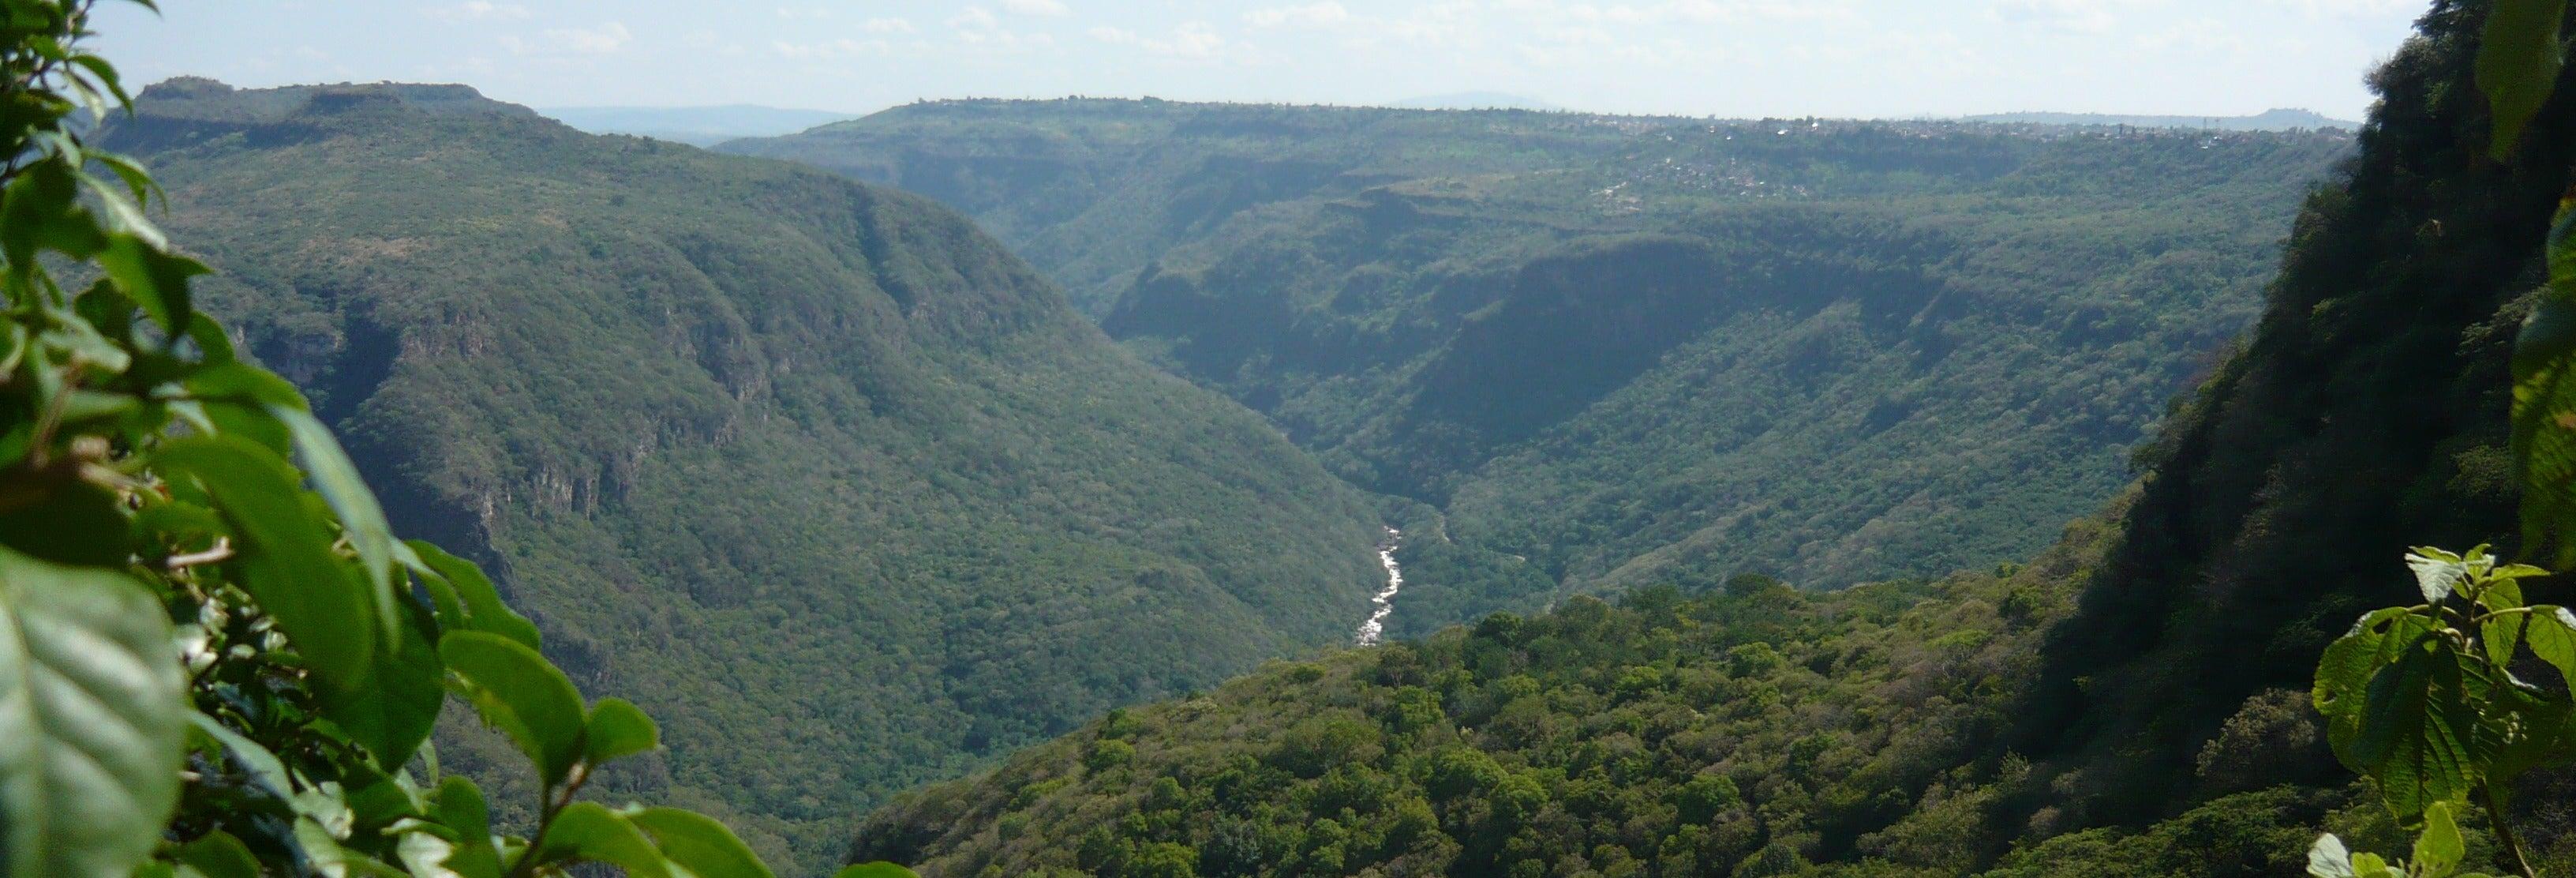 Excursión de senderismo por la Barranca de Huentitán desde Guadalajara